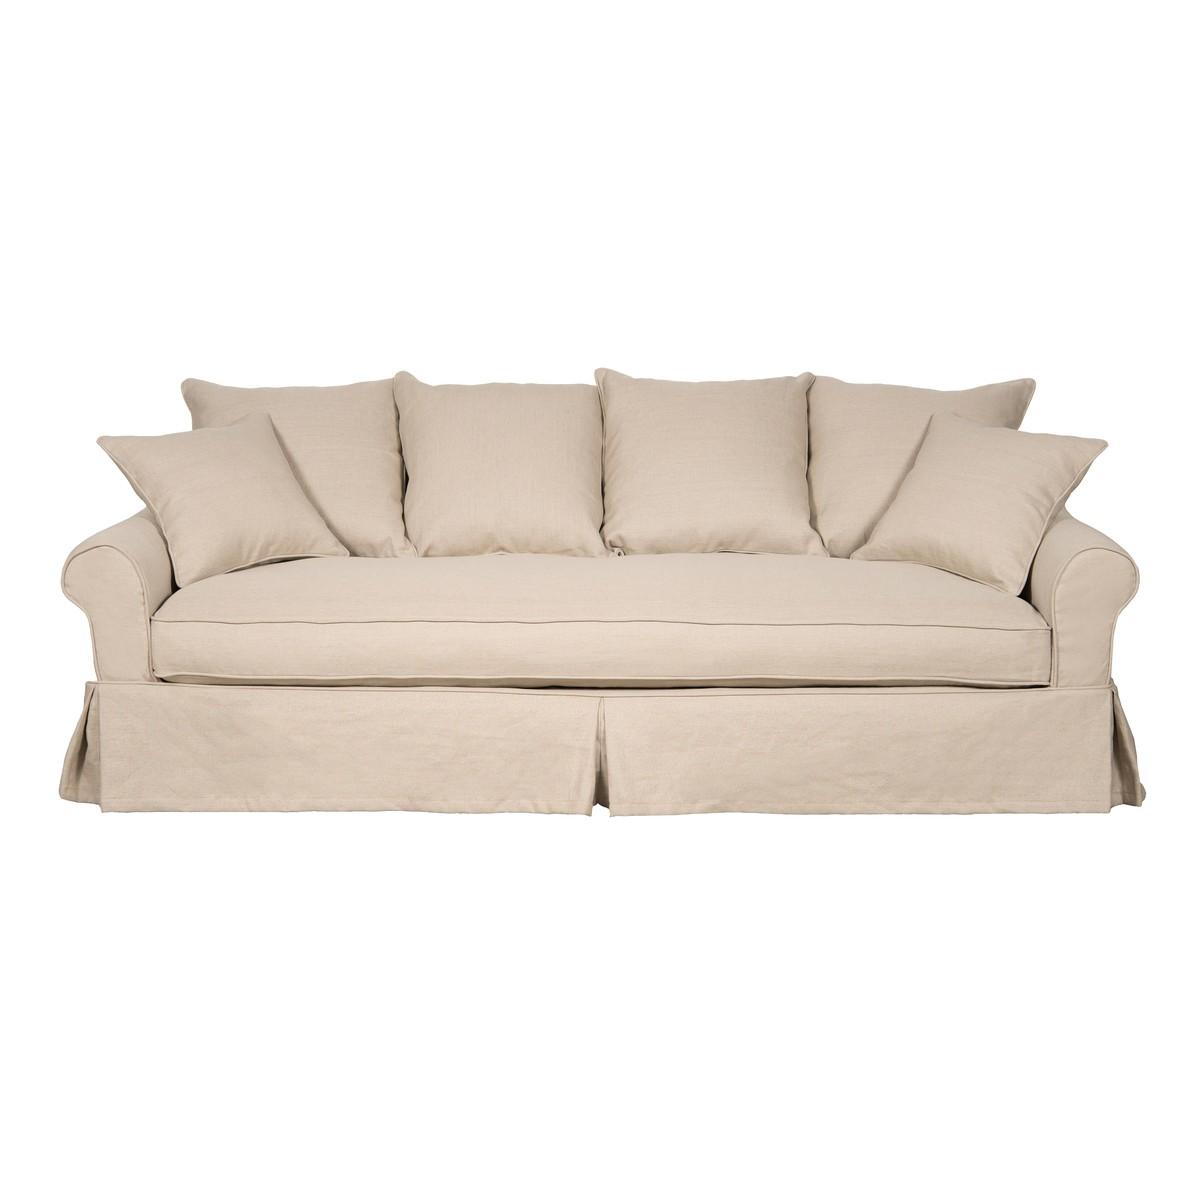 Canapé Multi Couleur intérieur pr interiors eline canapé eline 3 places a multi-couleurs